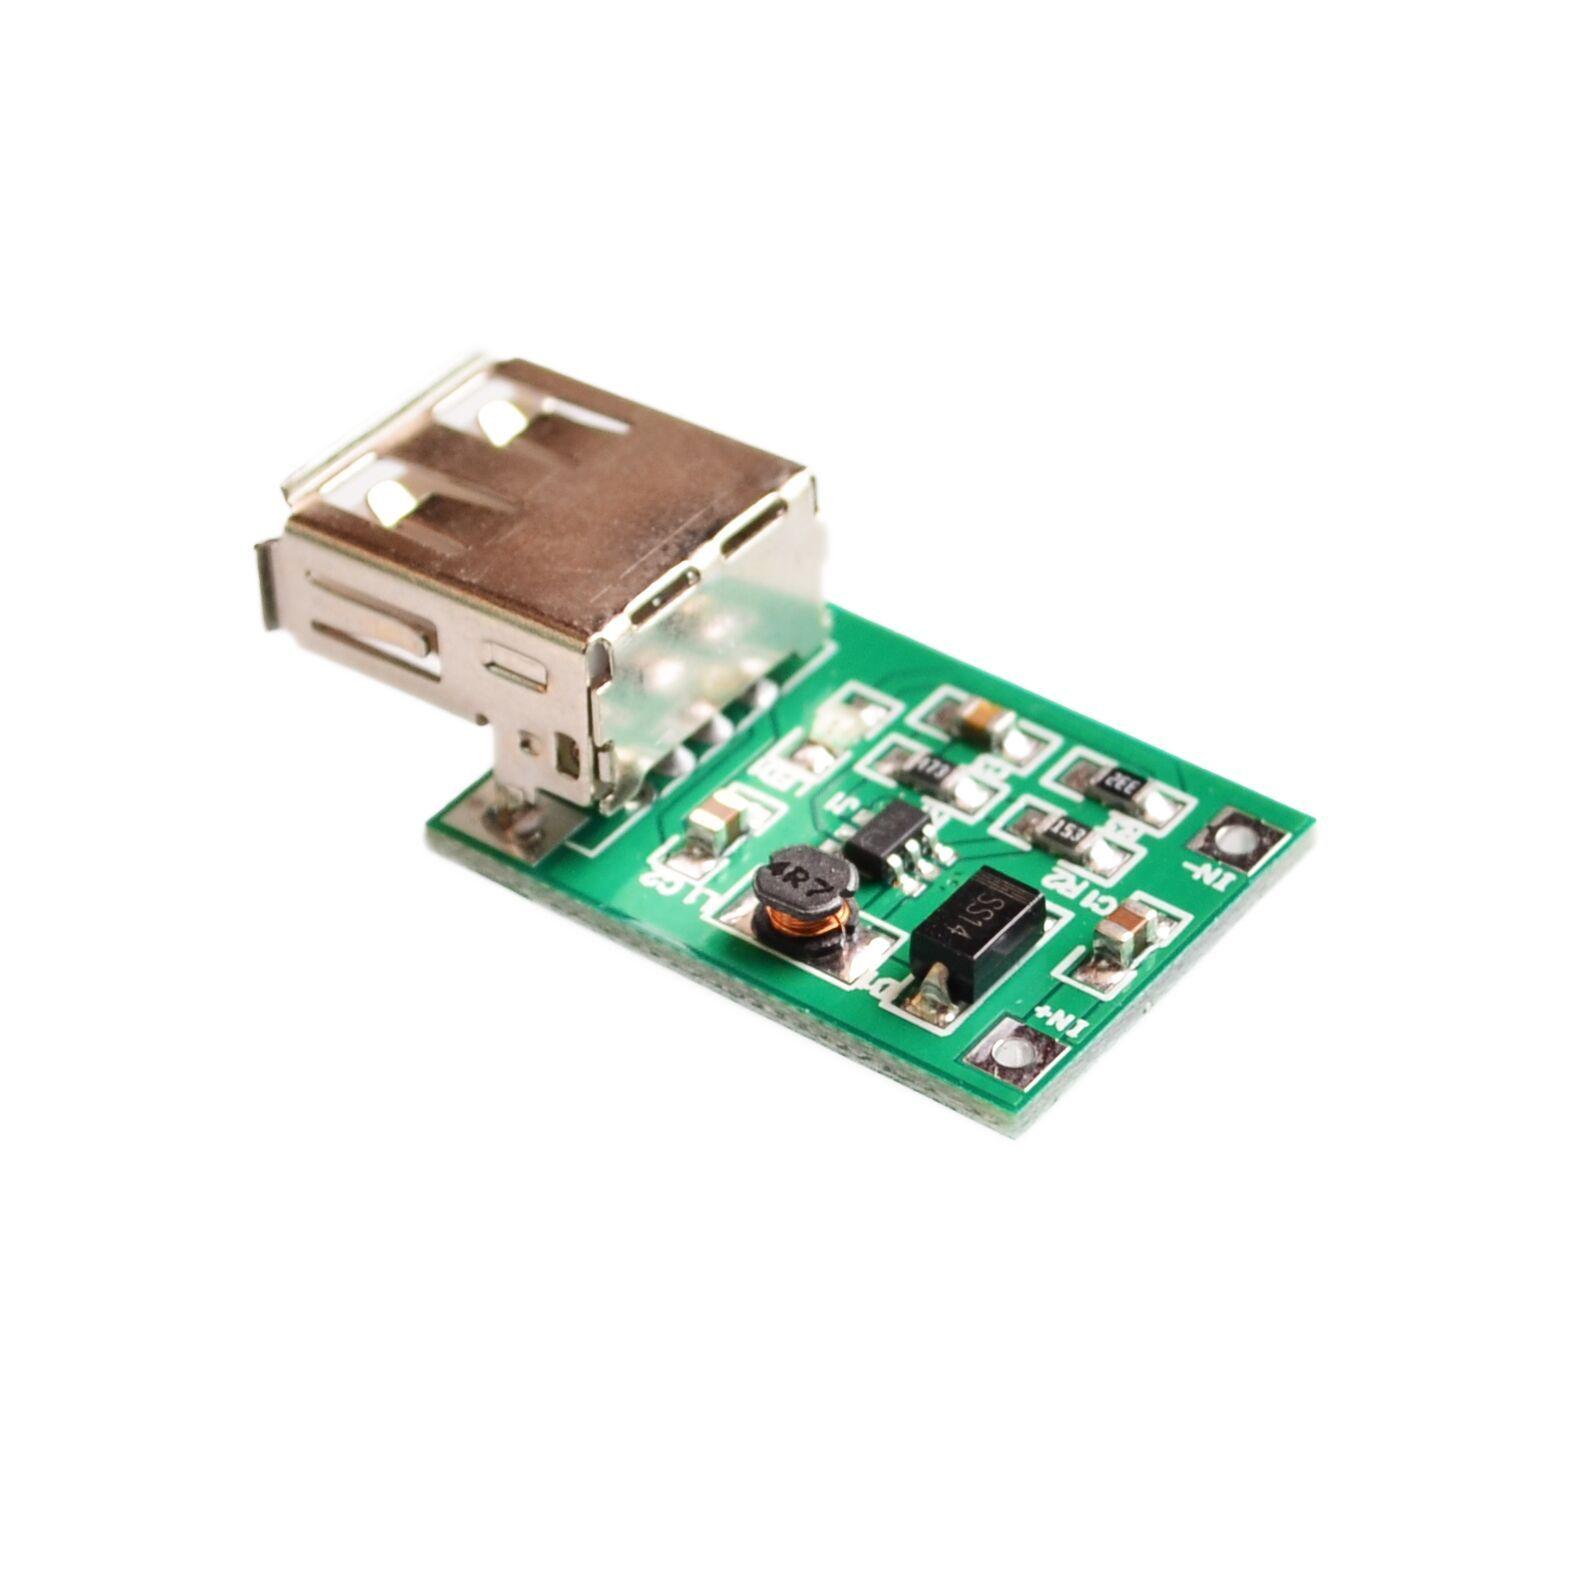 0.9 5V Input to 5V Output 600mA USB